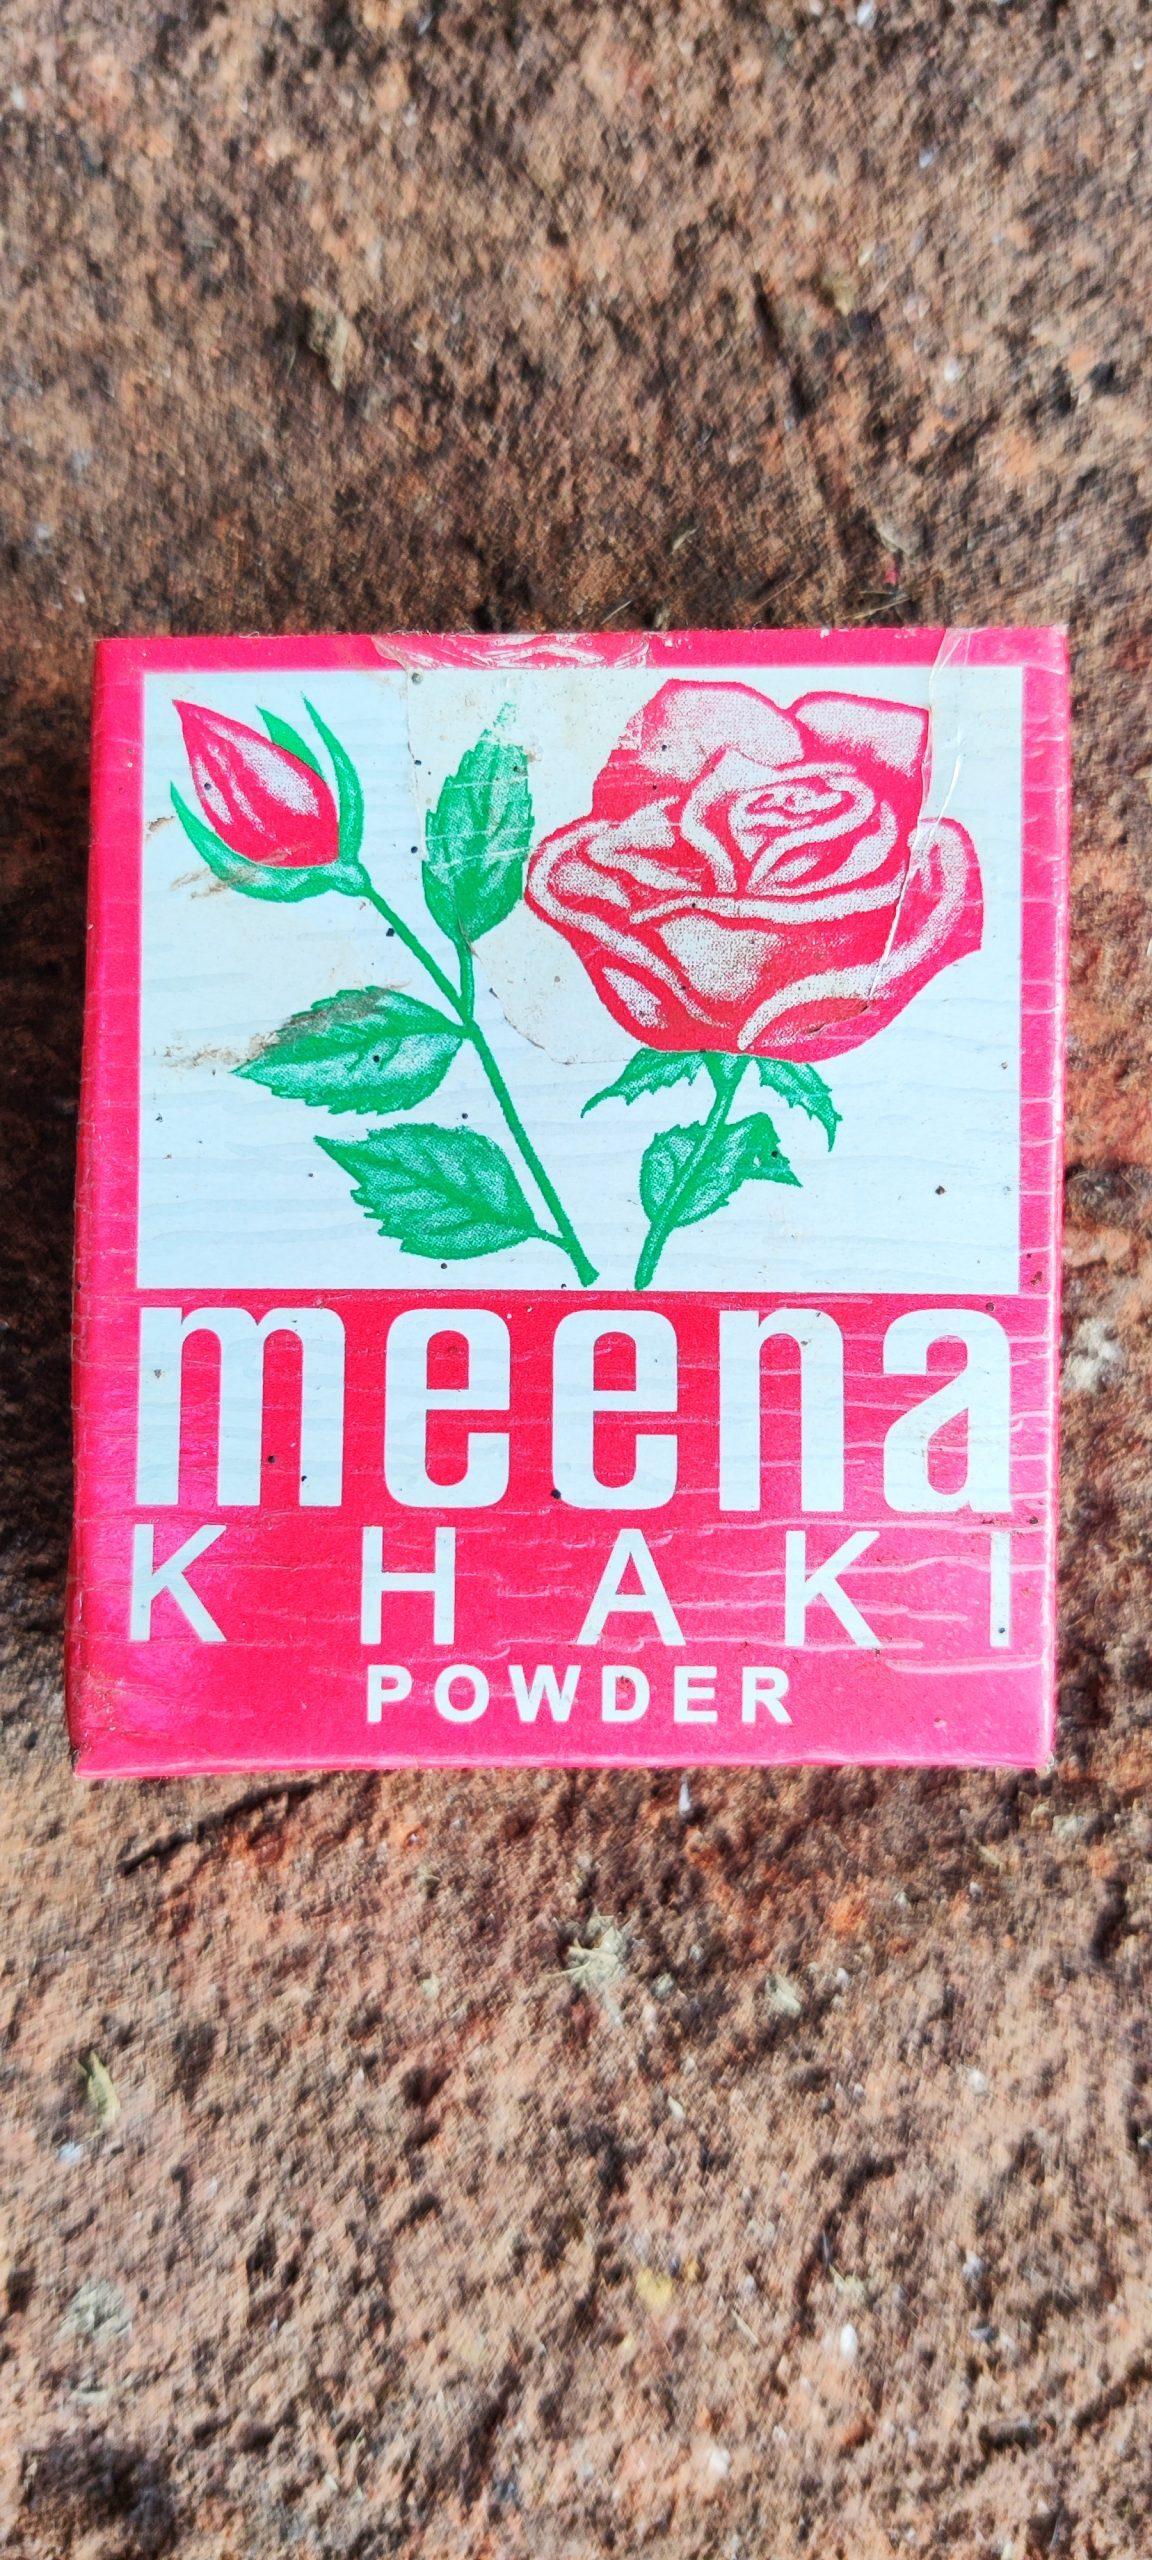 A talc powder product